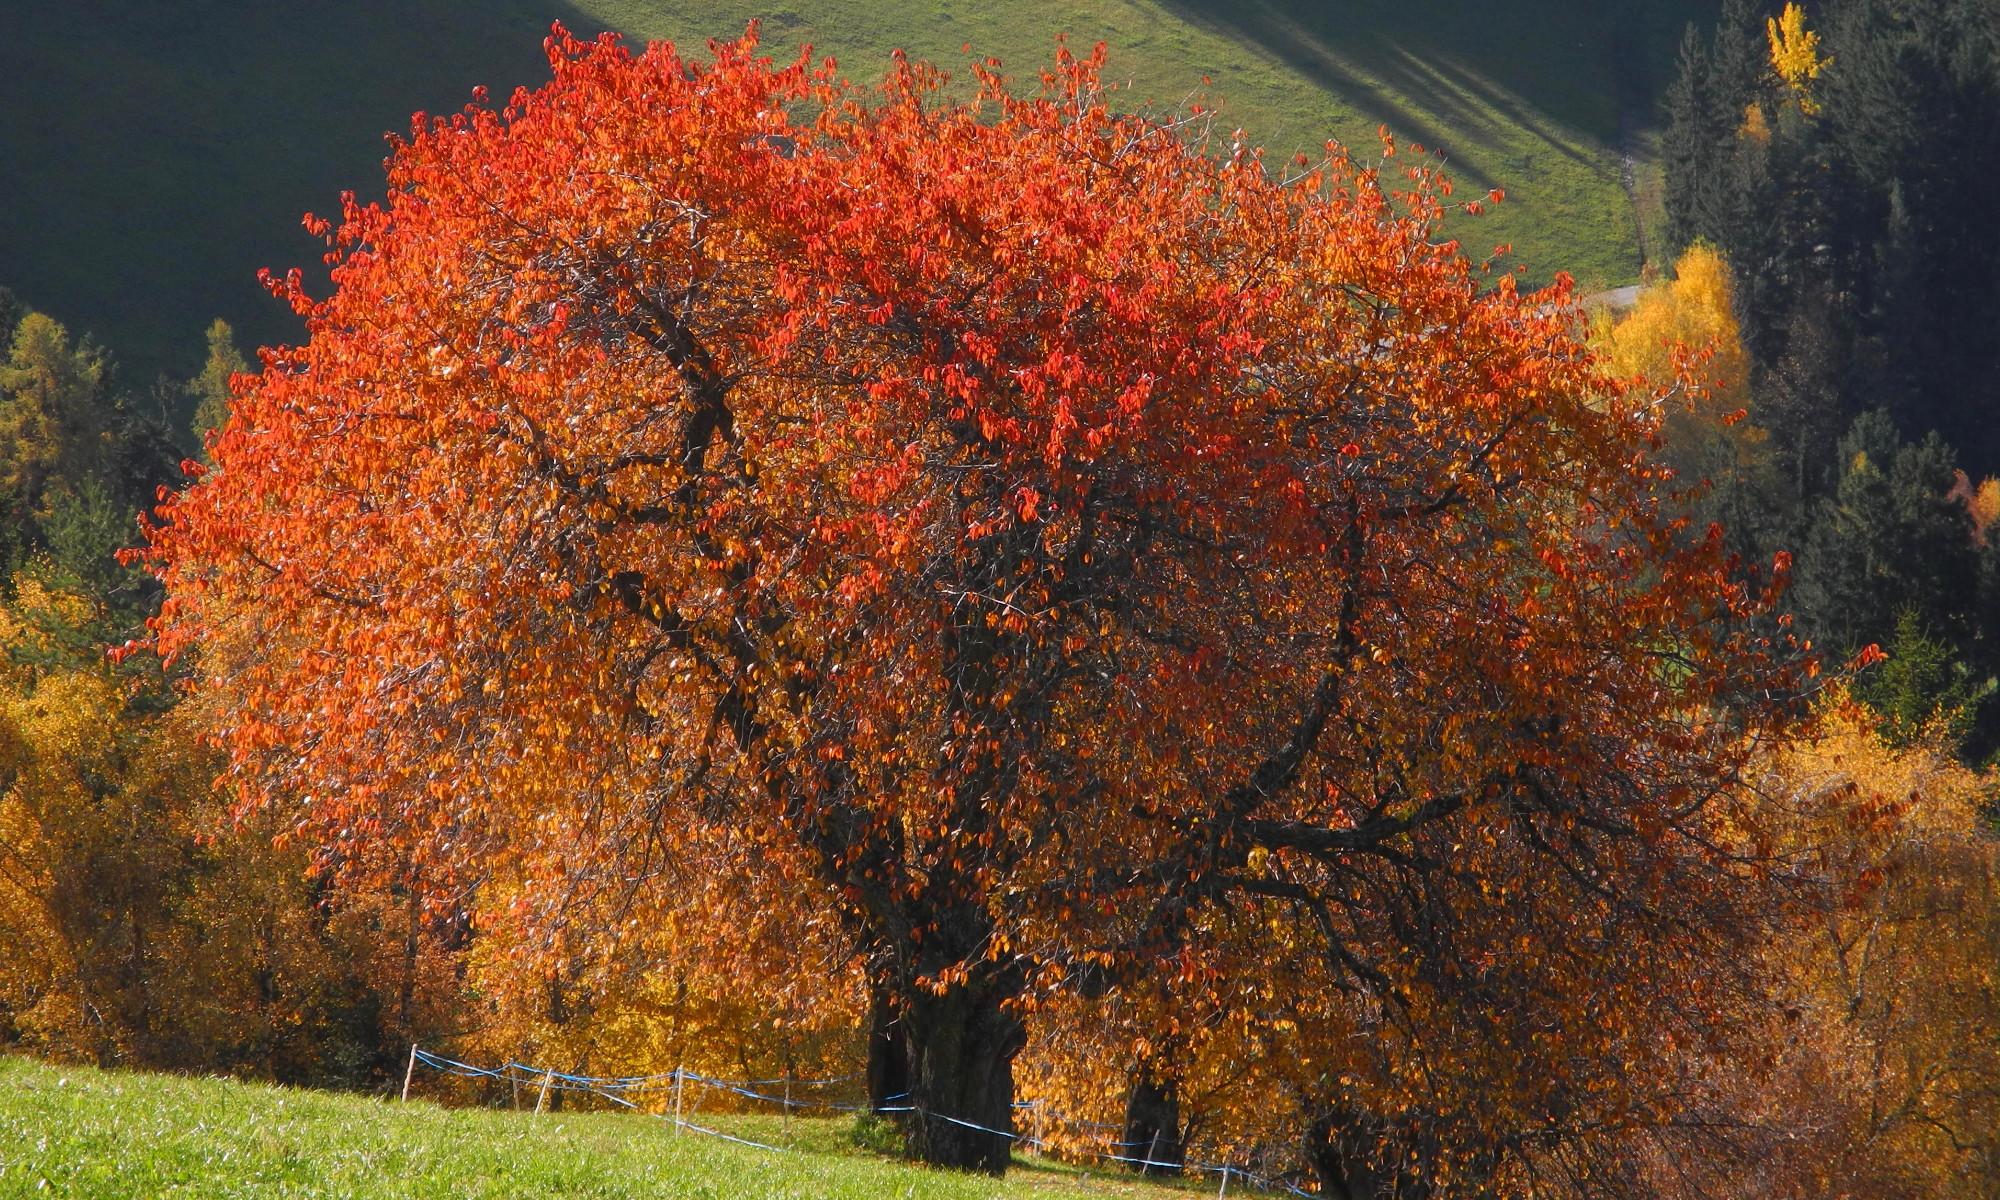 Der Herbst mit all seinen Farbenspielen